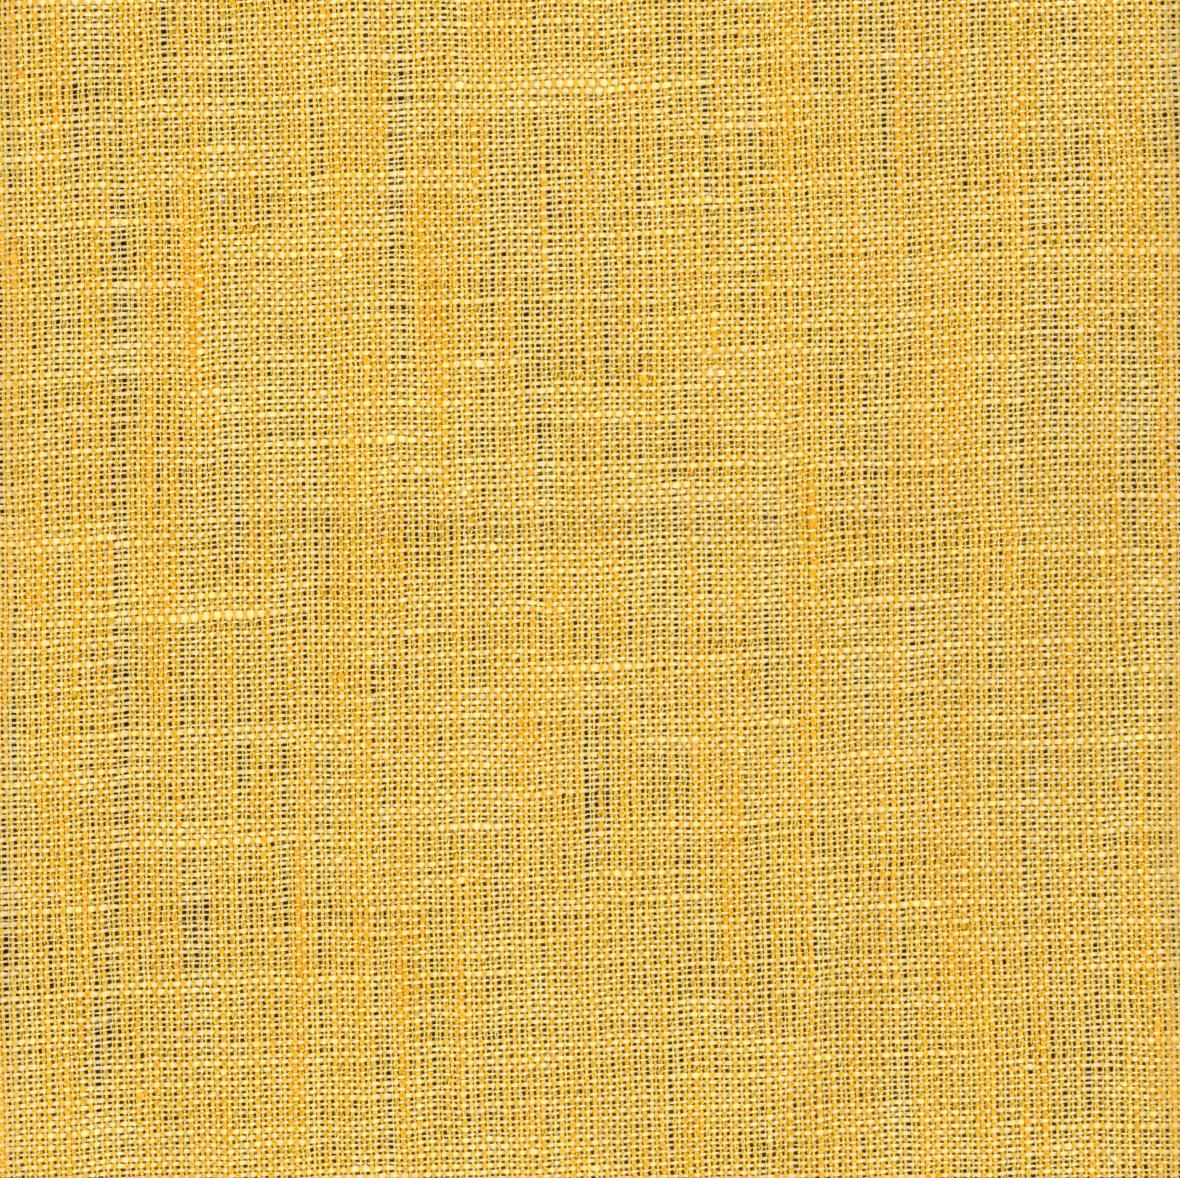 PERSICO Yellow Sunflower